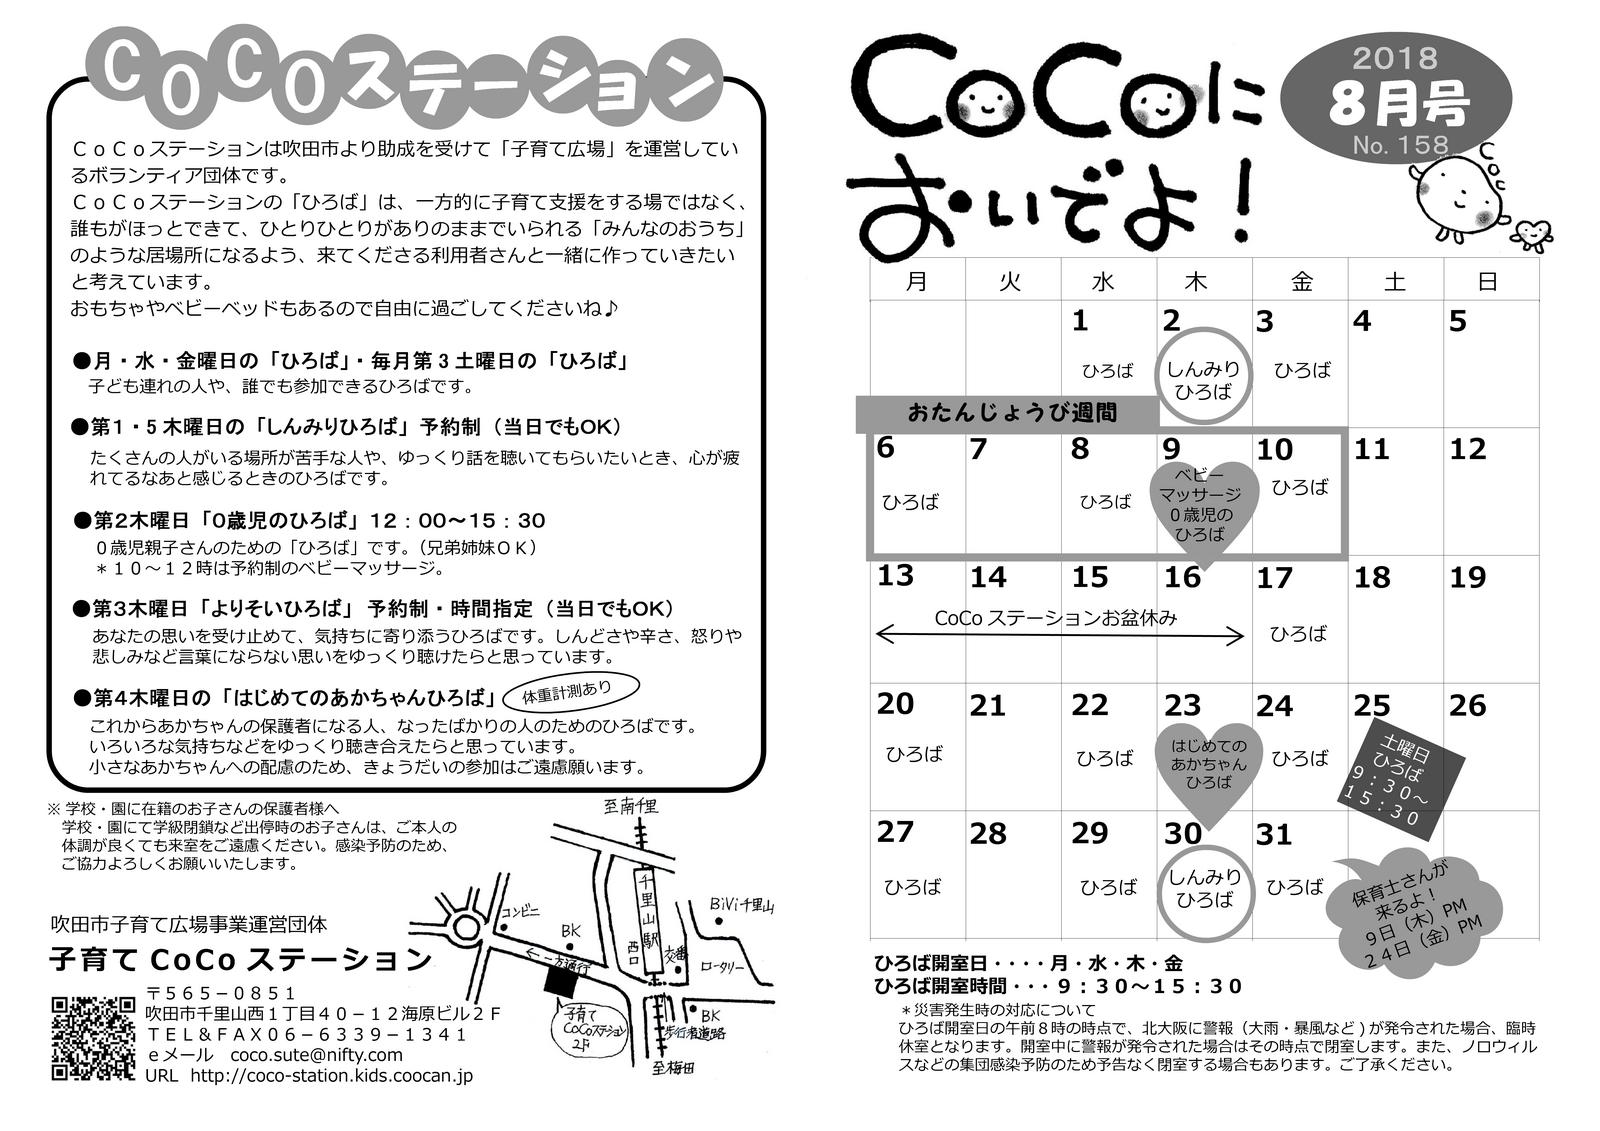 Coco_30_8_3